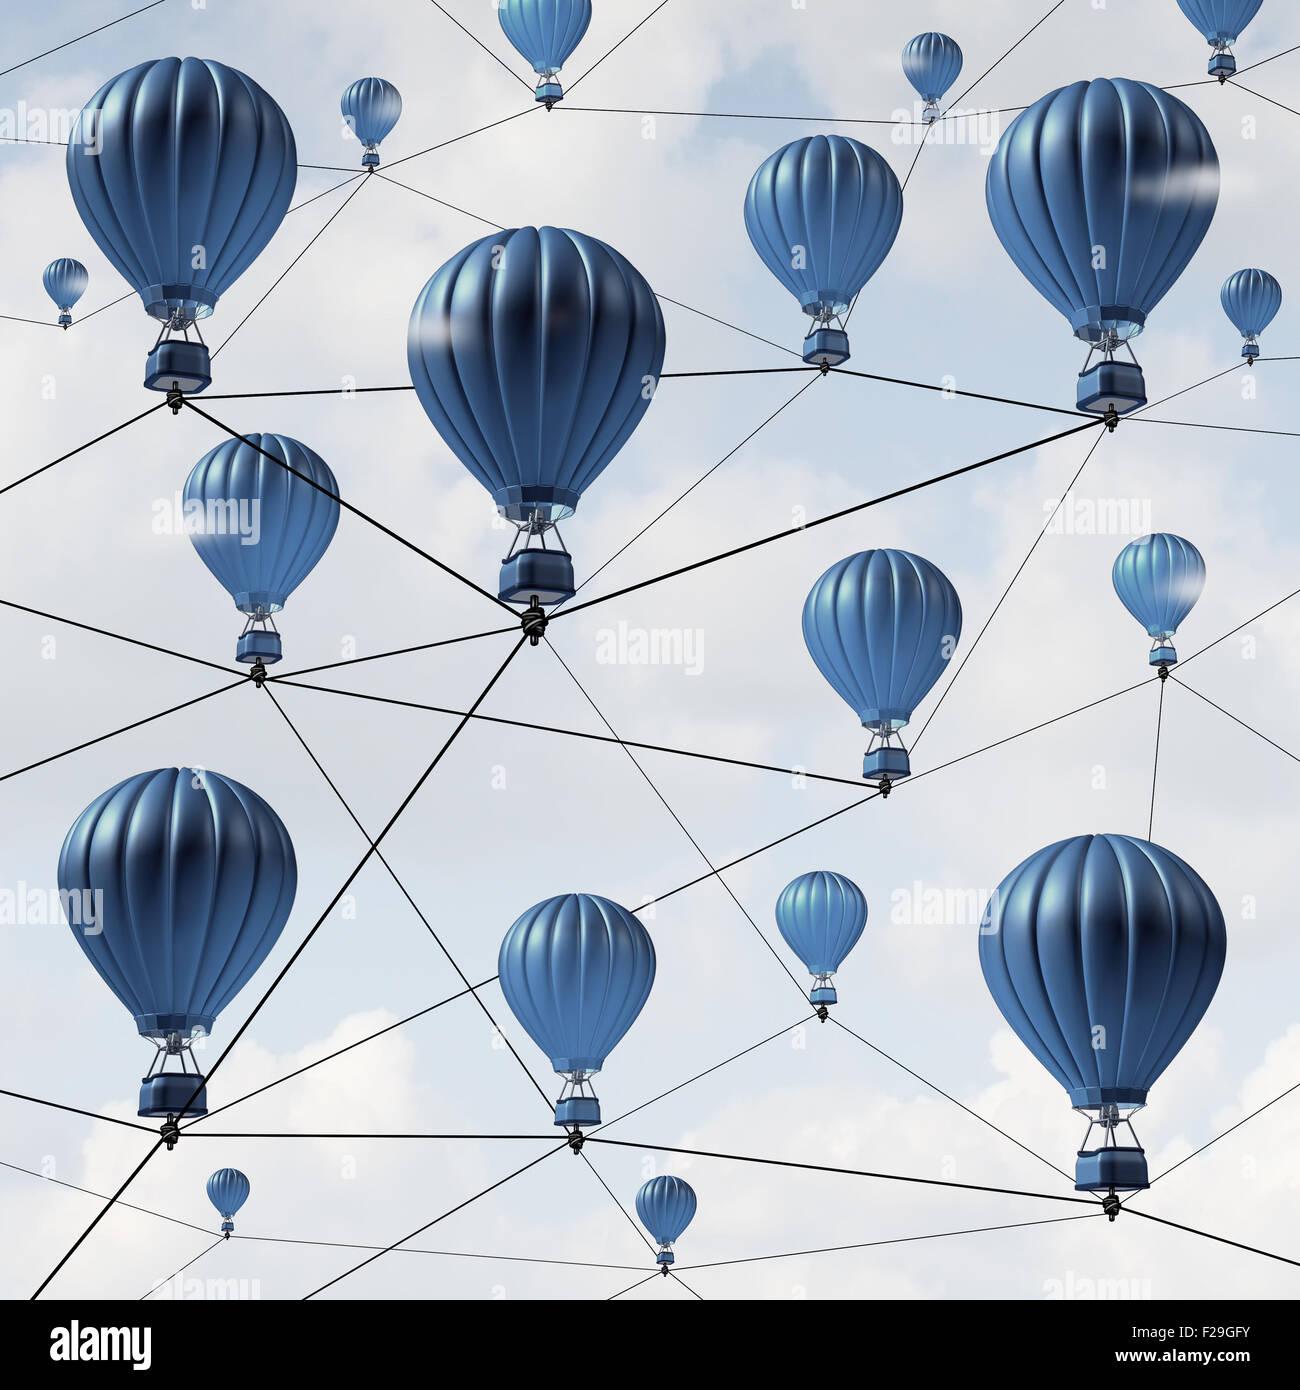 Netzwerkverbindungen Verbindung Erfolg Konzept und Gemeinschaft soziale Medien als eine Gruppe von blauen Heißluftballons Stockbild